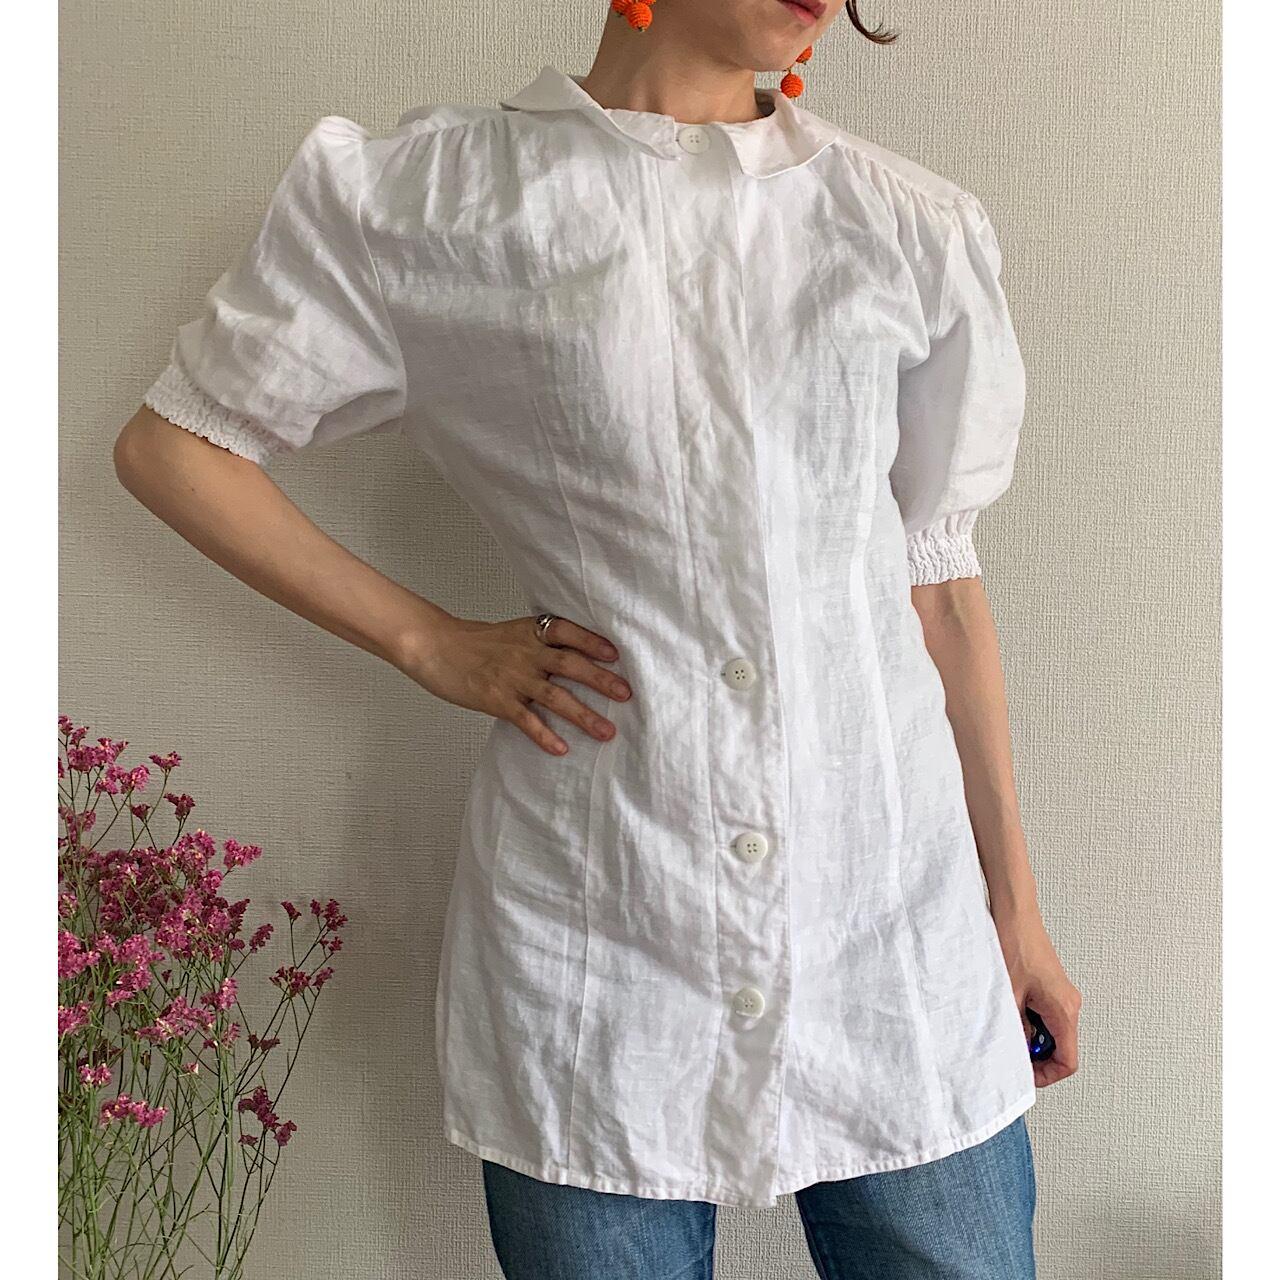 【送料無料】 80's vintage white linen blouse short puffy sleeve